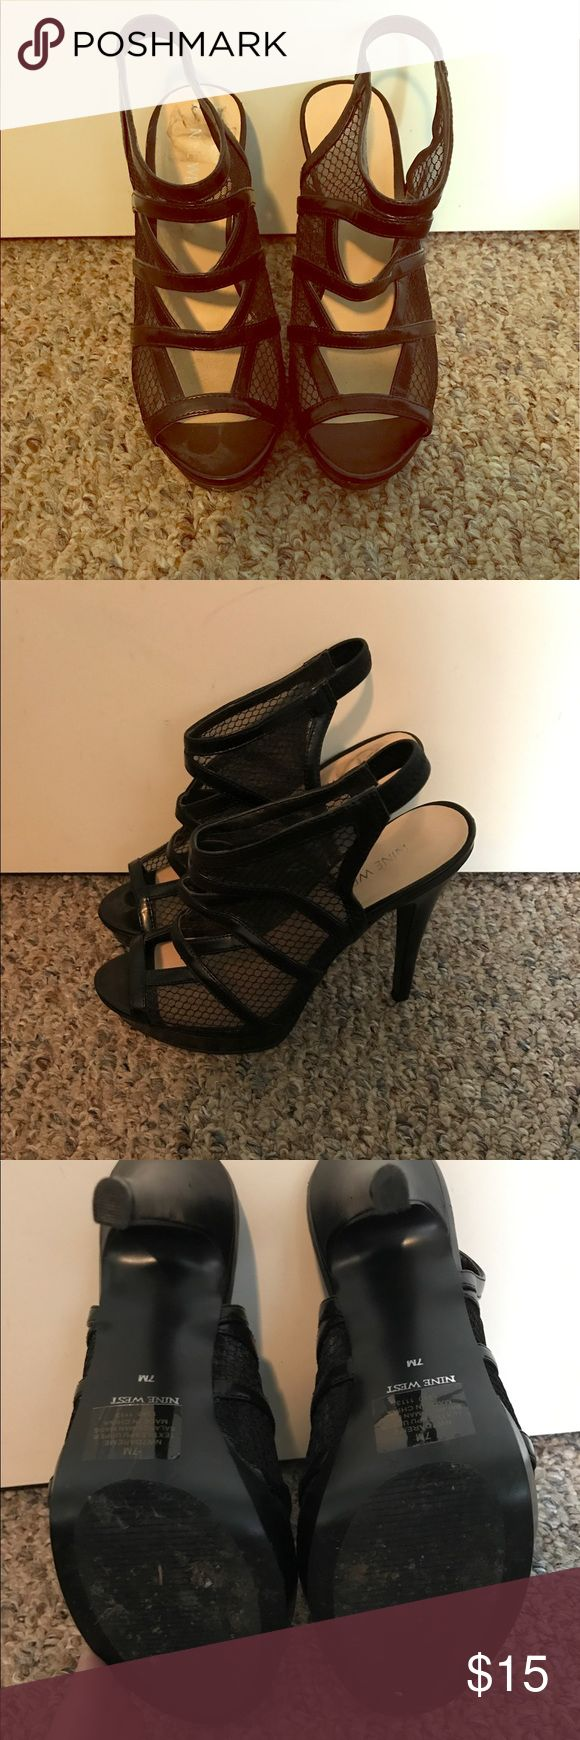 """Nine West heels 5"""" heel Nine West Shoes Heels"""